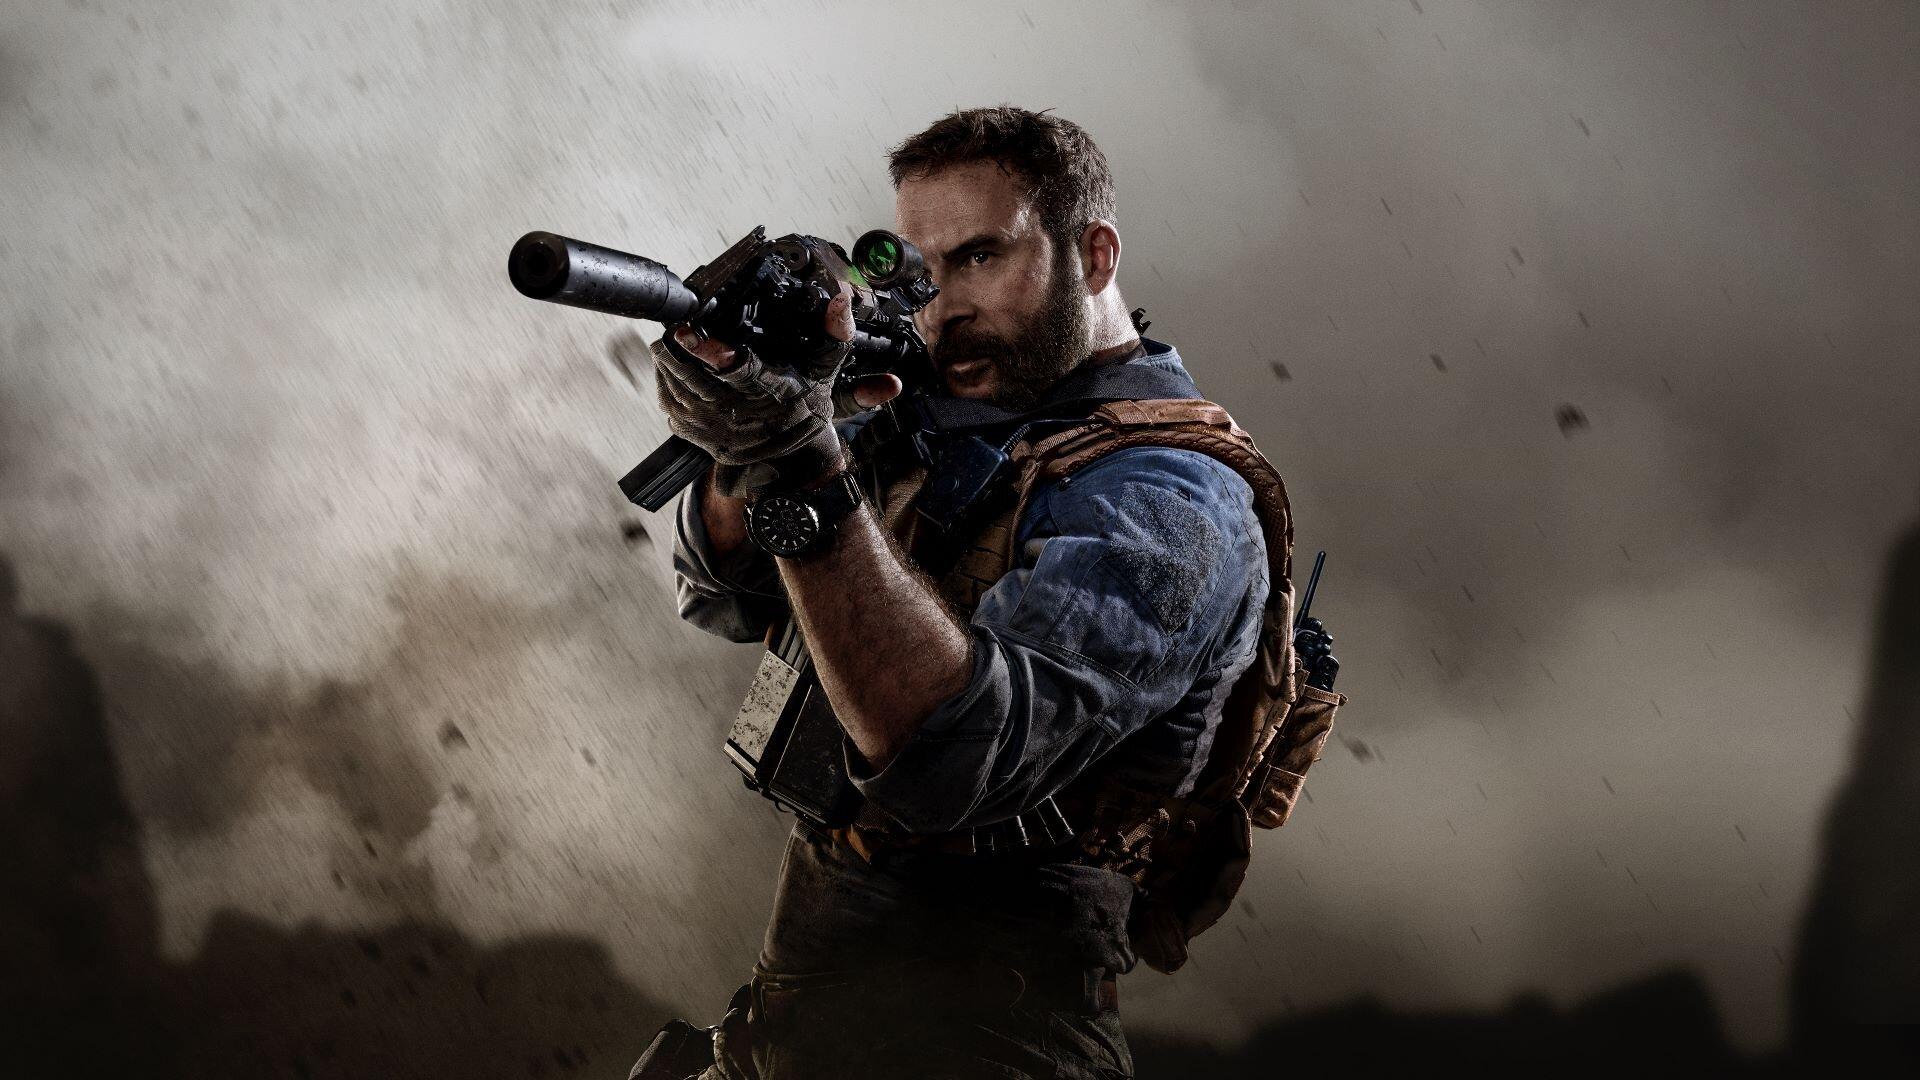 Photography: Call of Duty Modern Warfare